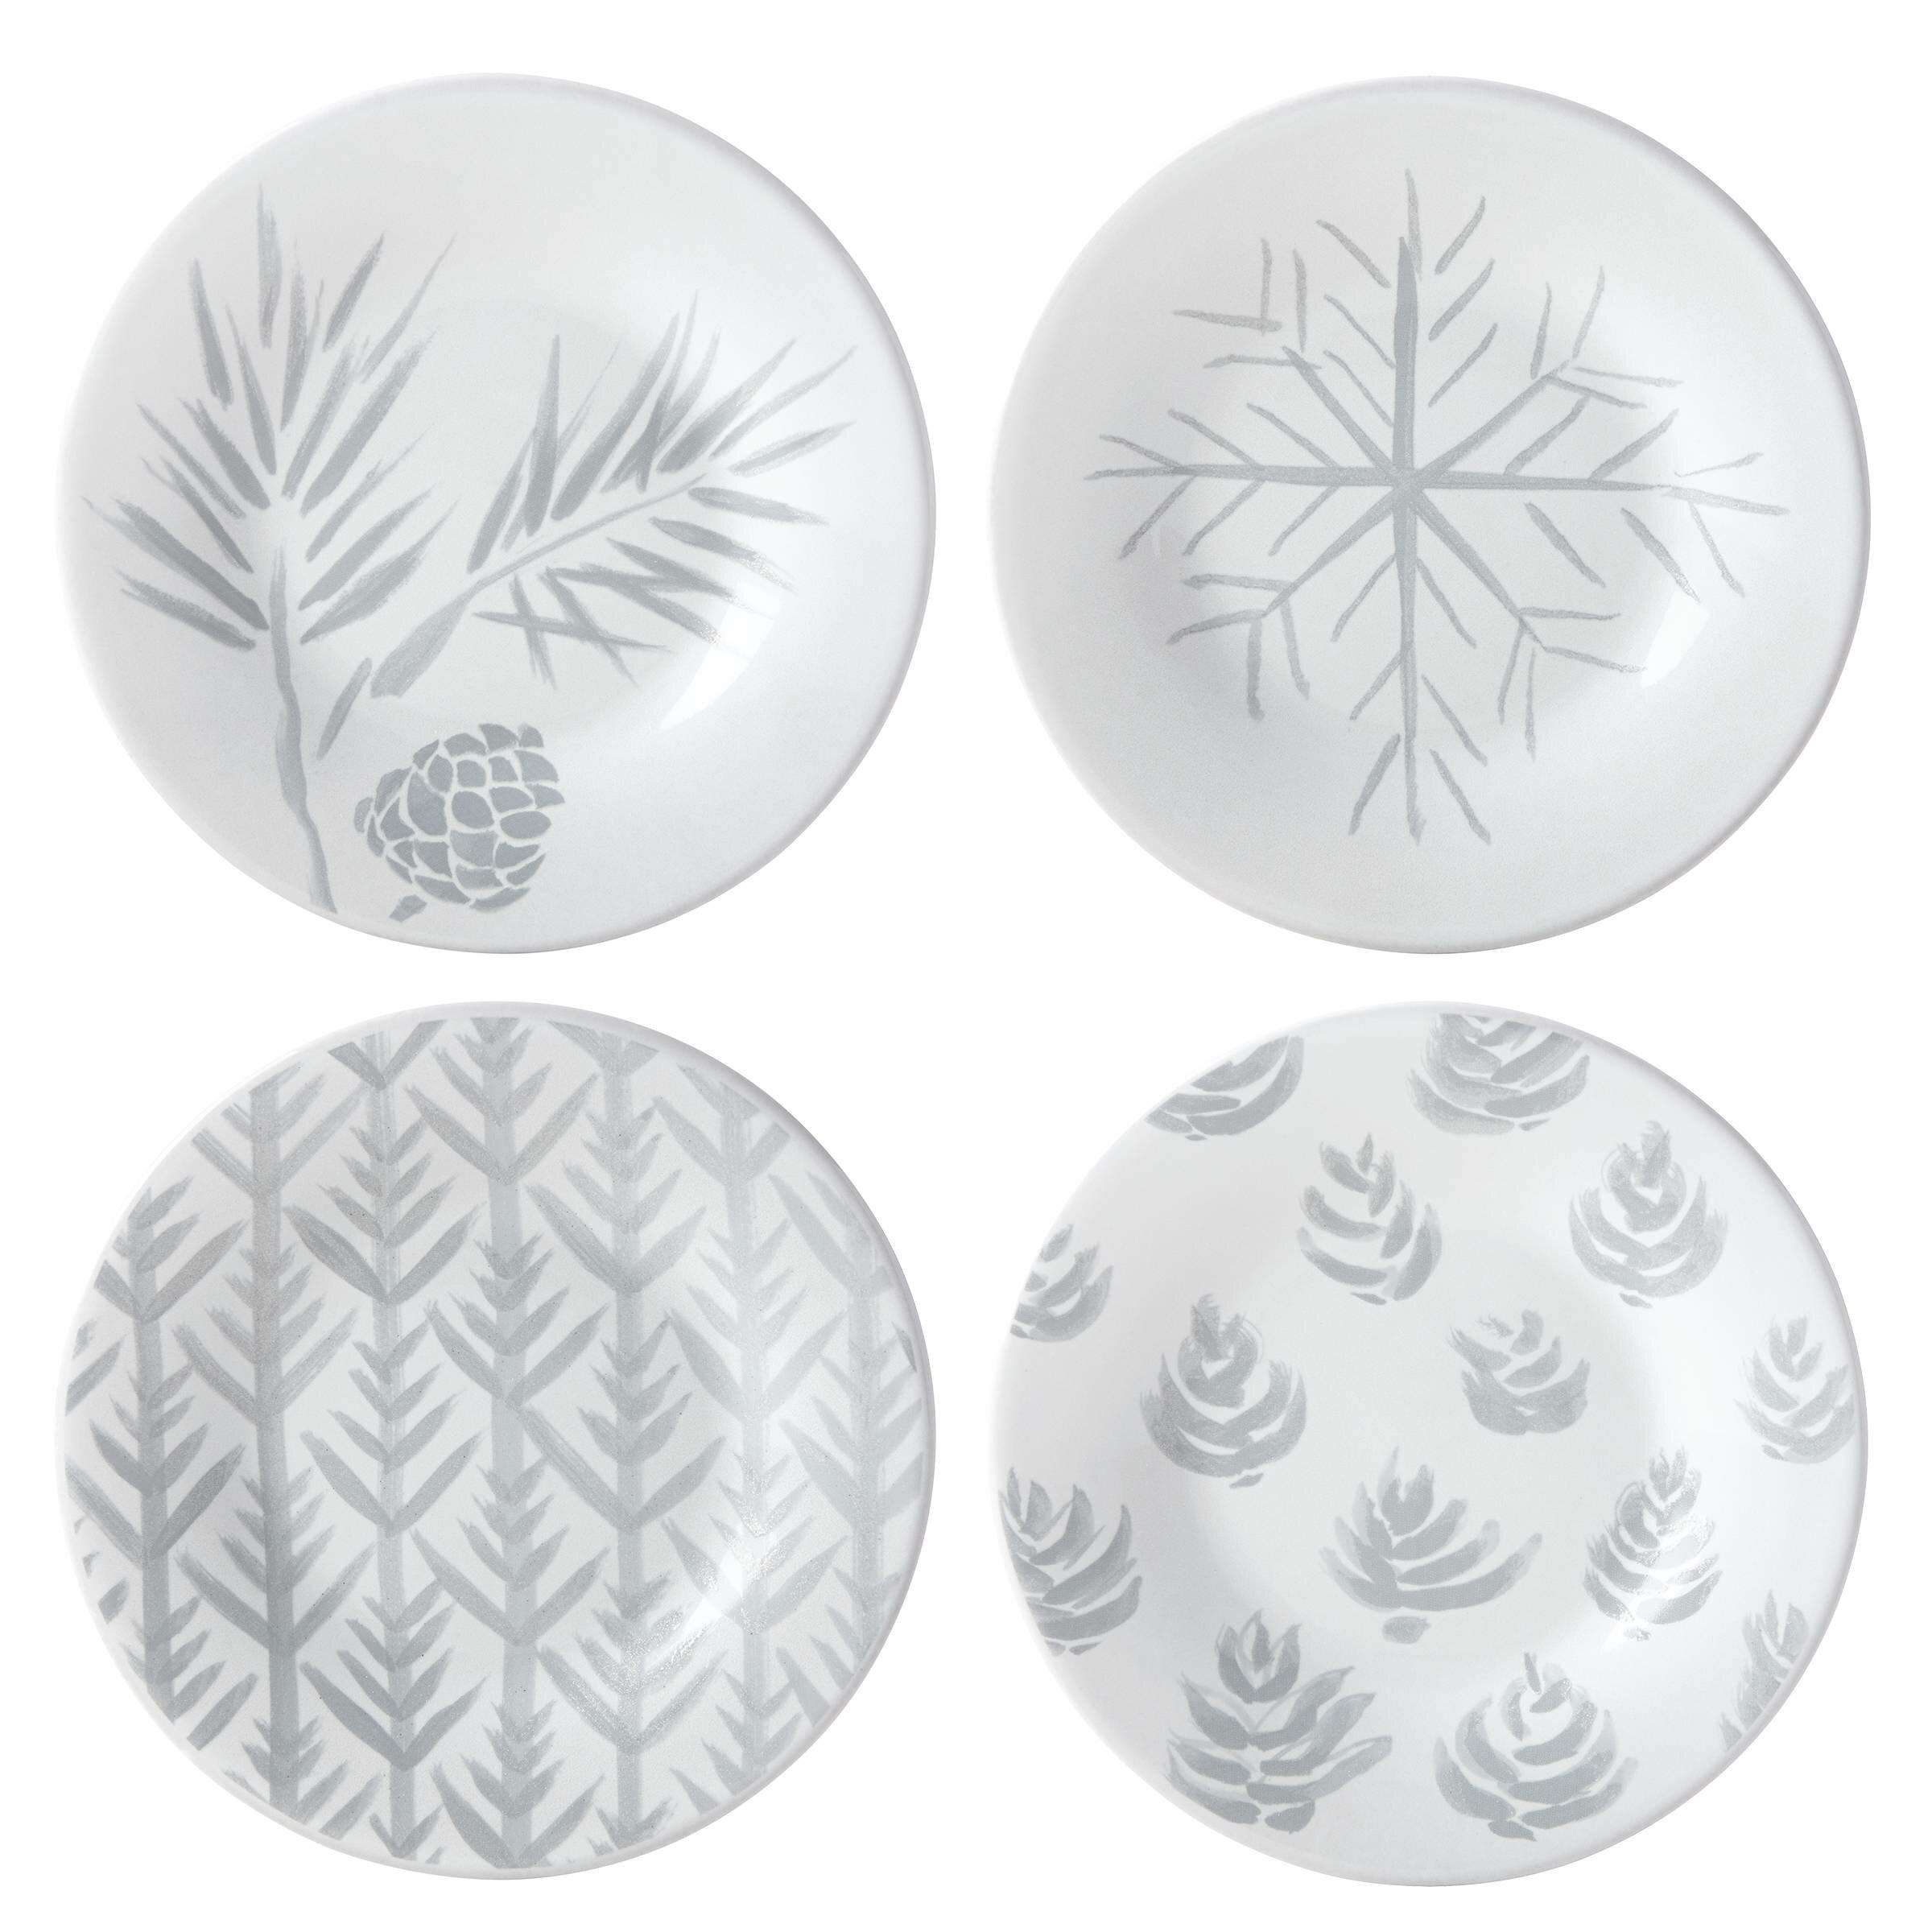 Bread Butter Christmas Plates Saucers From 30 Until 11 20 Wayfair Wayfair